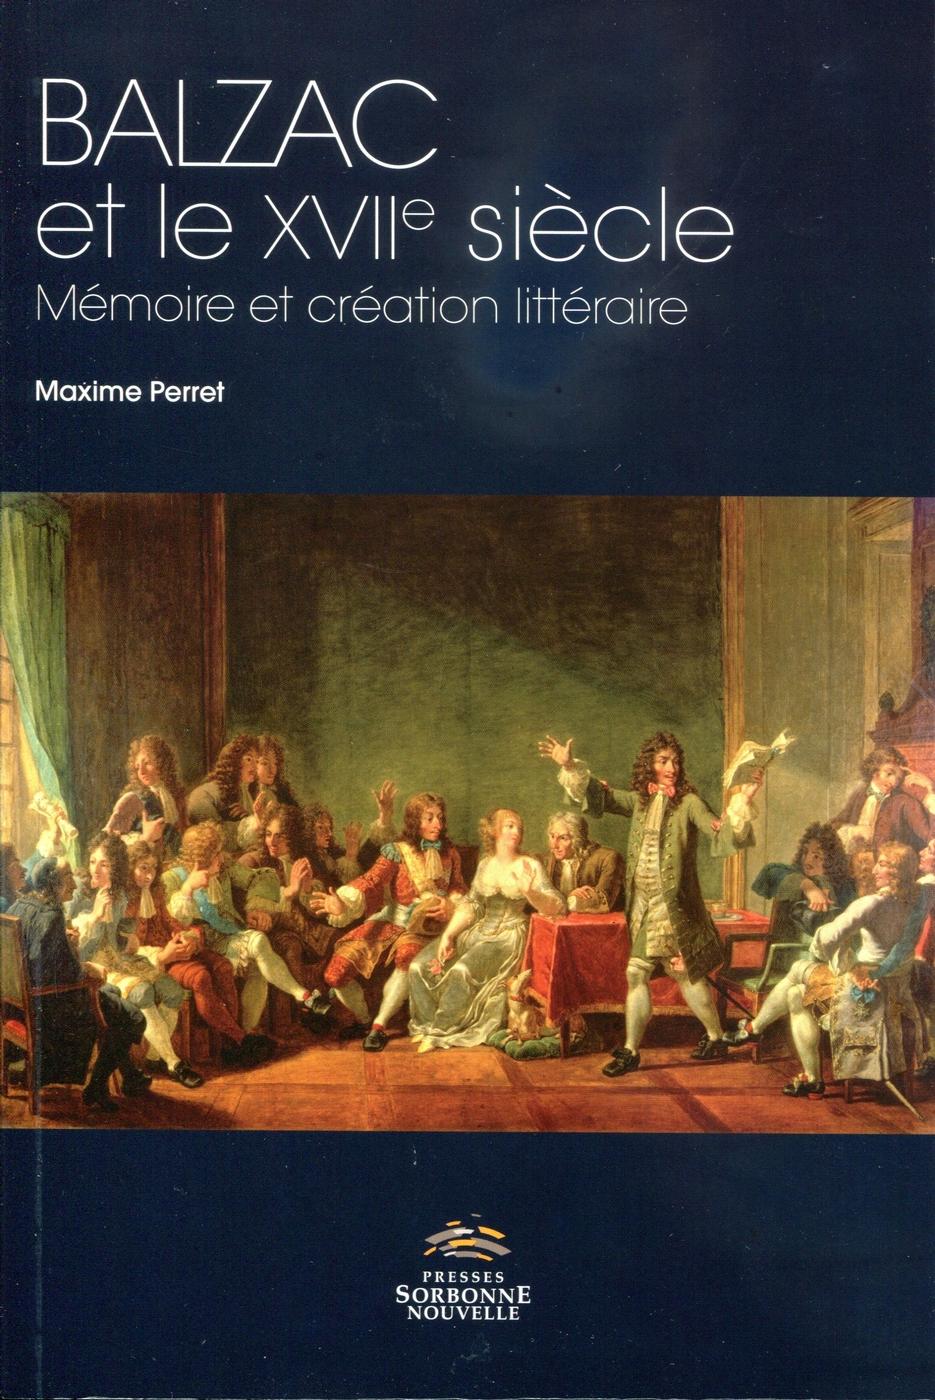 M. Perret, Balzac et le XVIIe siècle : mémoire et création littéraire